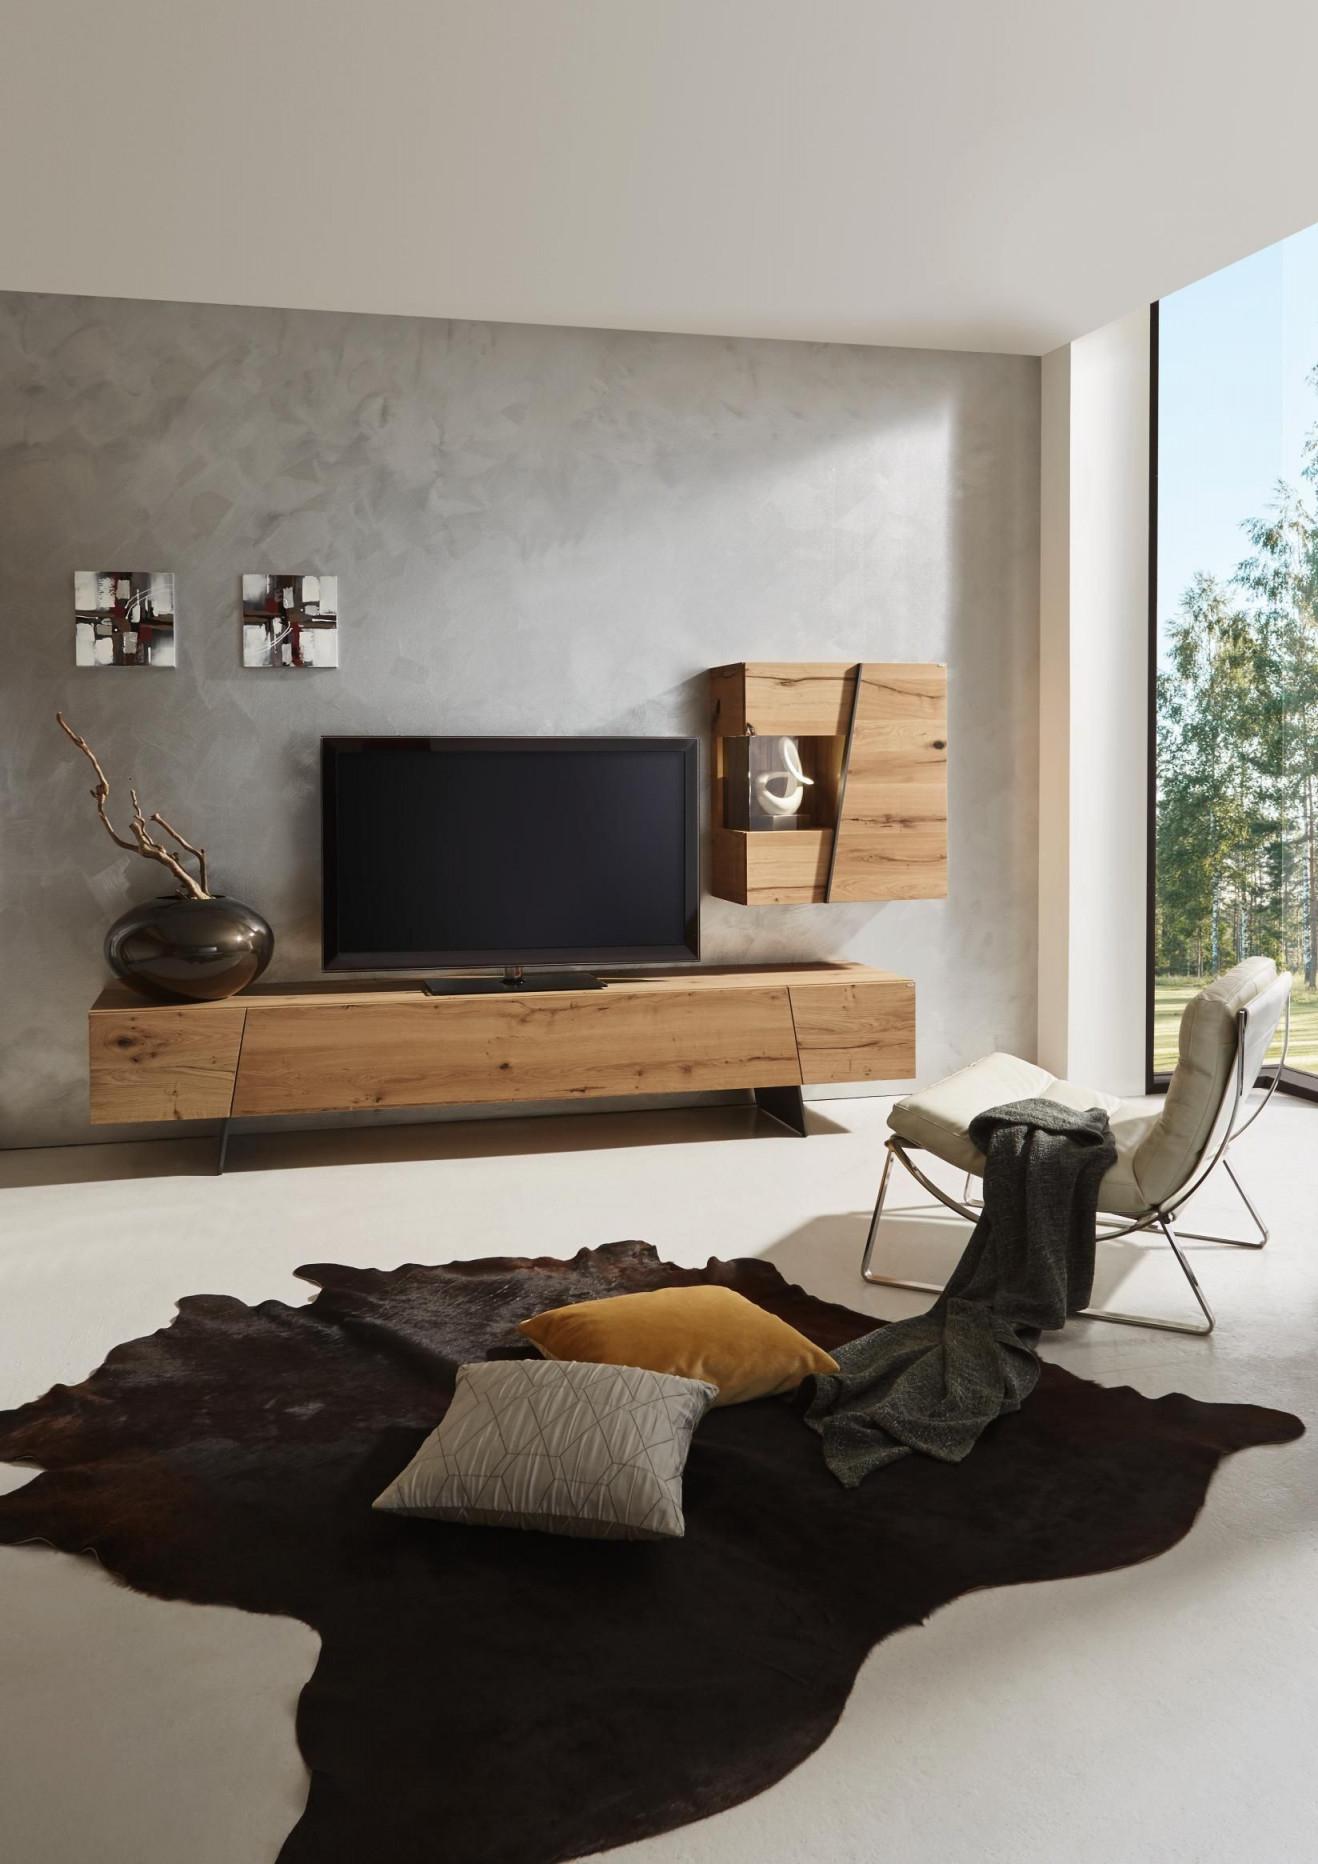 Wohnwand In Grau Naturfarben Von Voglauer  Wohnen von Wohnwand Gestalten Wohnzimmer Photo